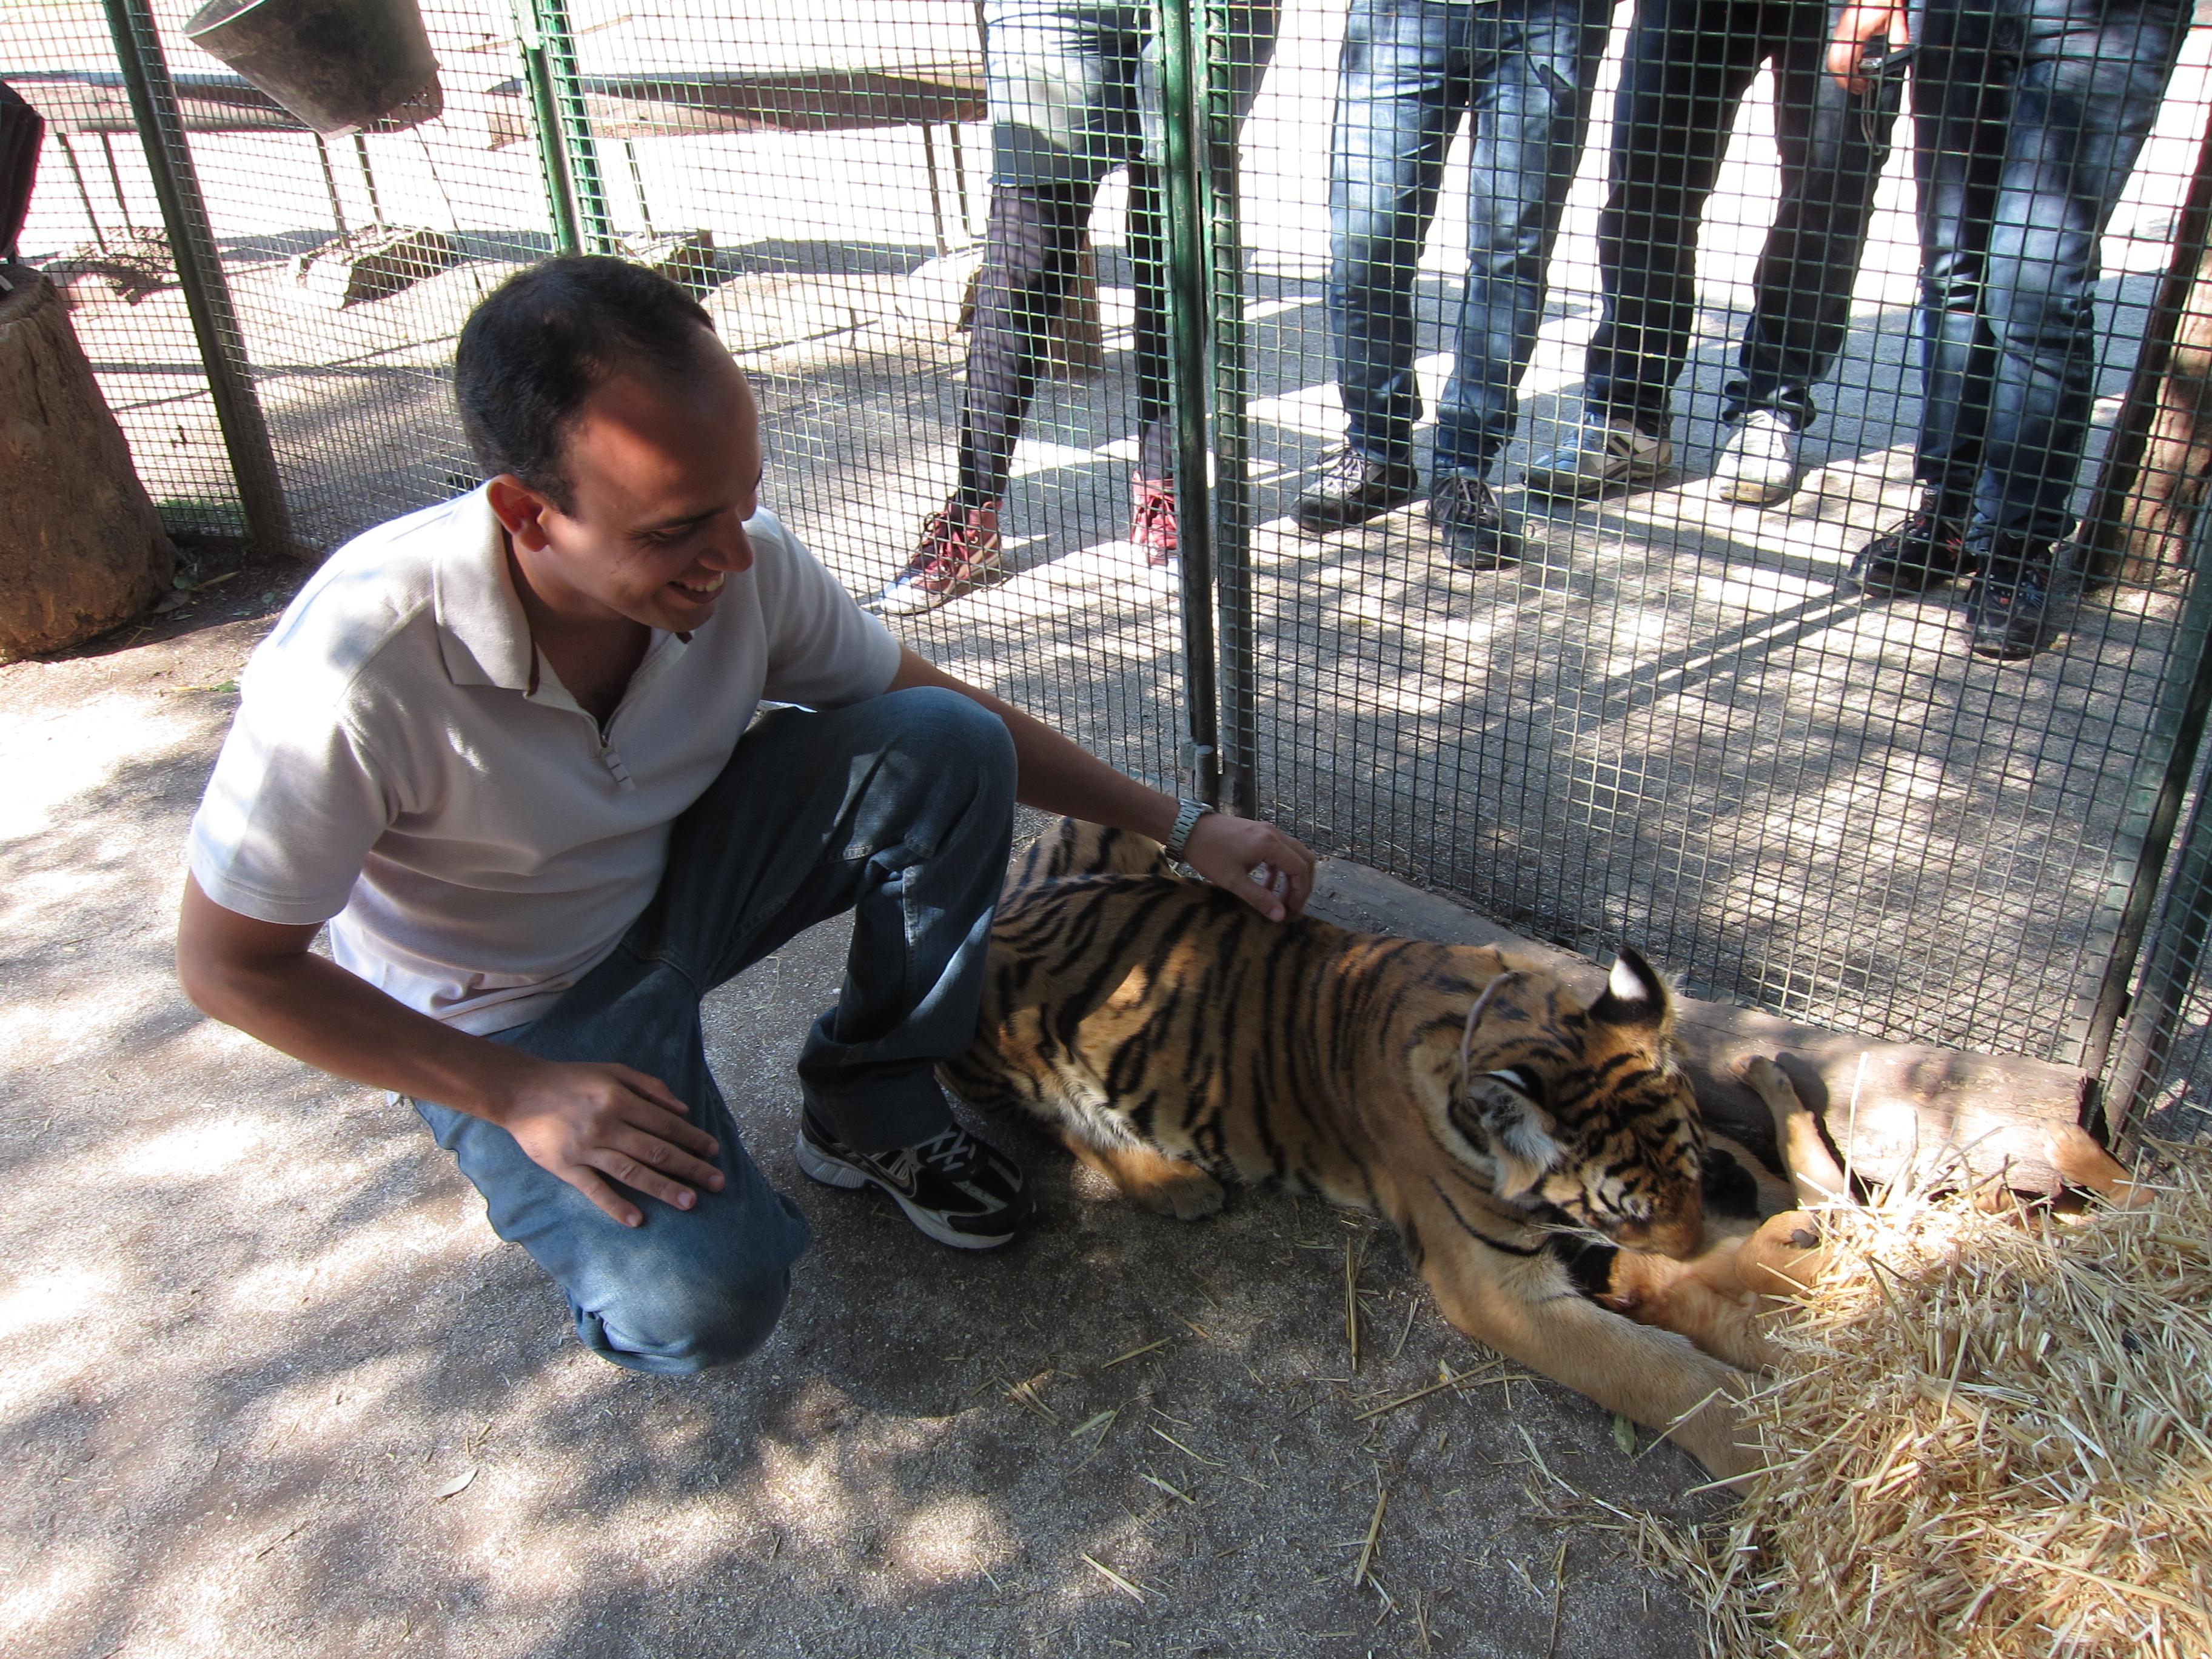 ali estava o tigre adolescente amarradão ainda lambendo o cachorro